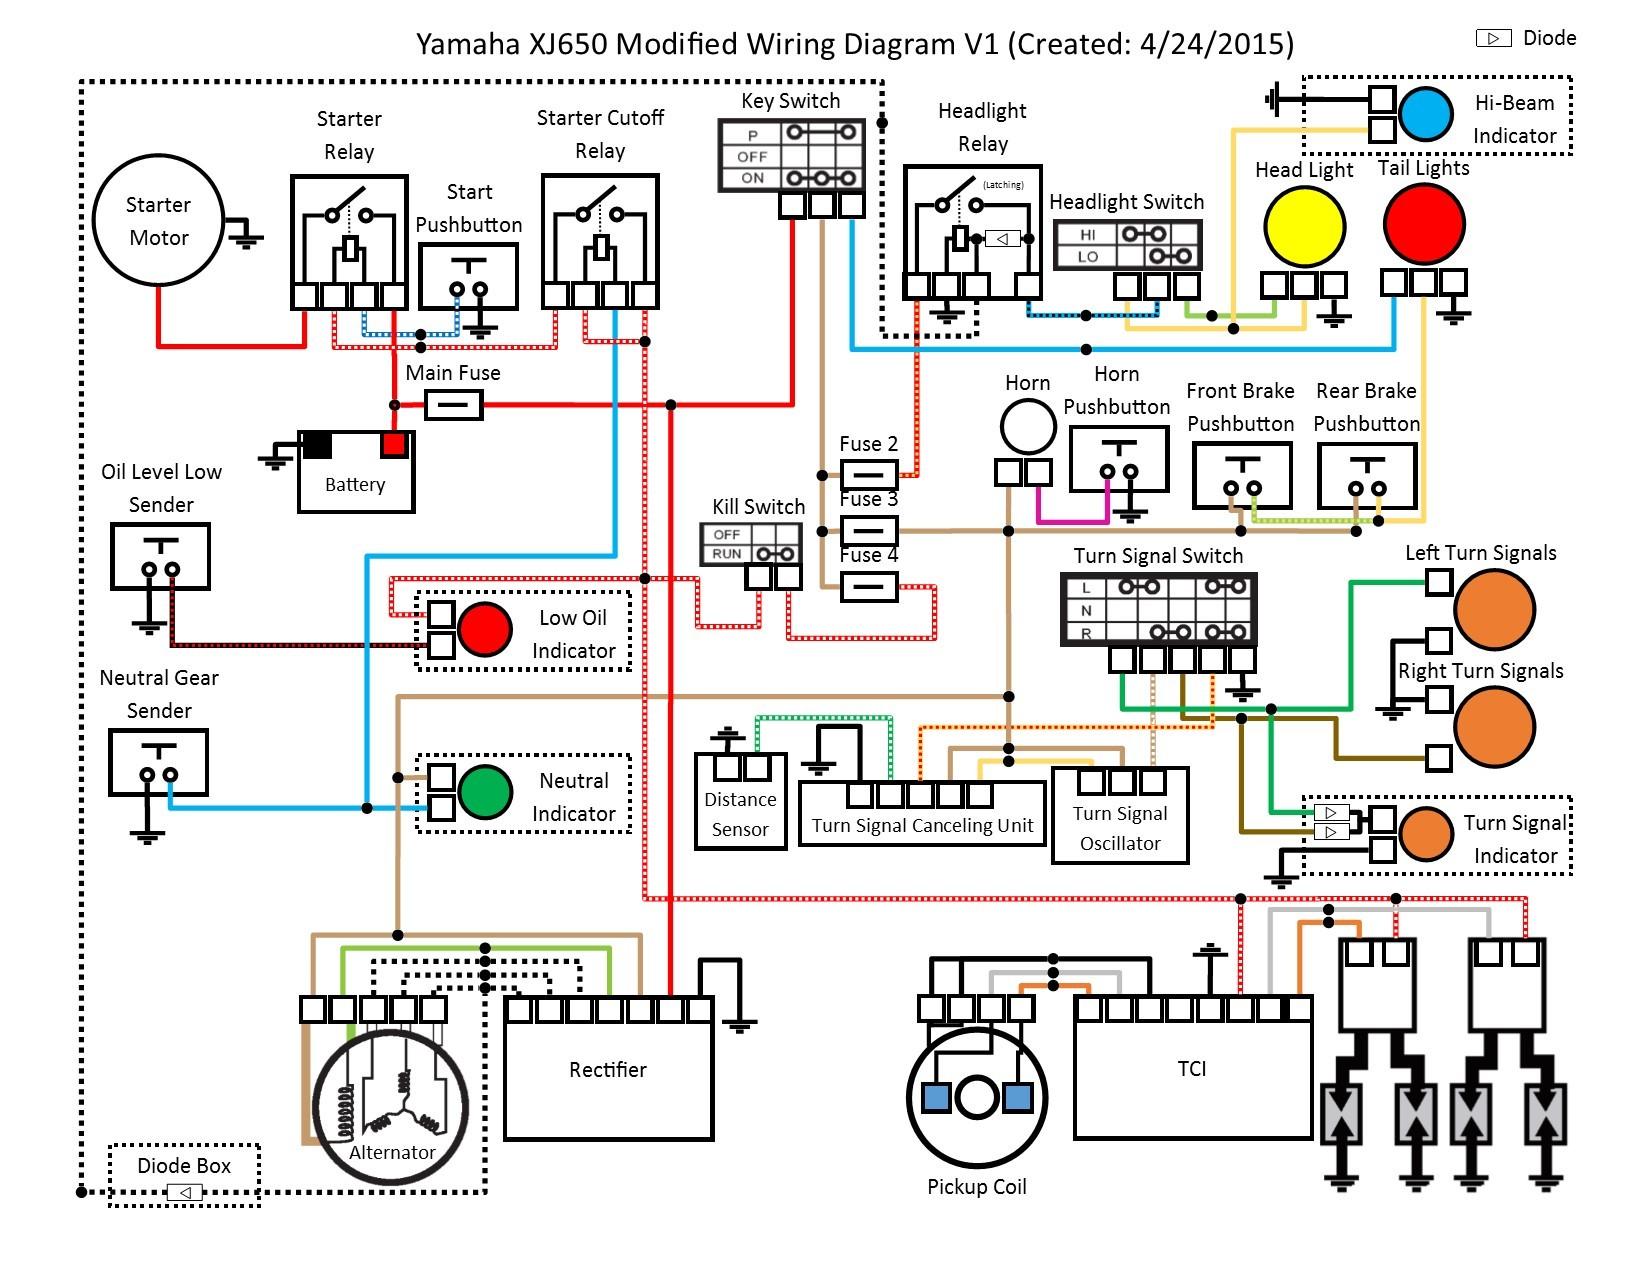 Yamaha Engine Diagram Yamaha 650 Maxim Wiring Diagram View Diagram Wiring Diagrams Wiring Of Yamaha Engine Diagram